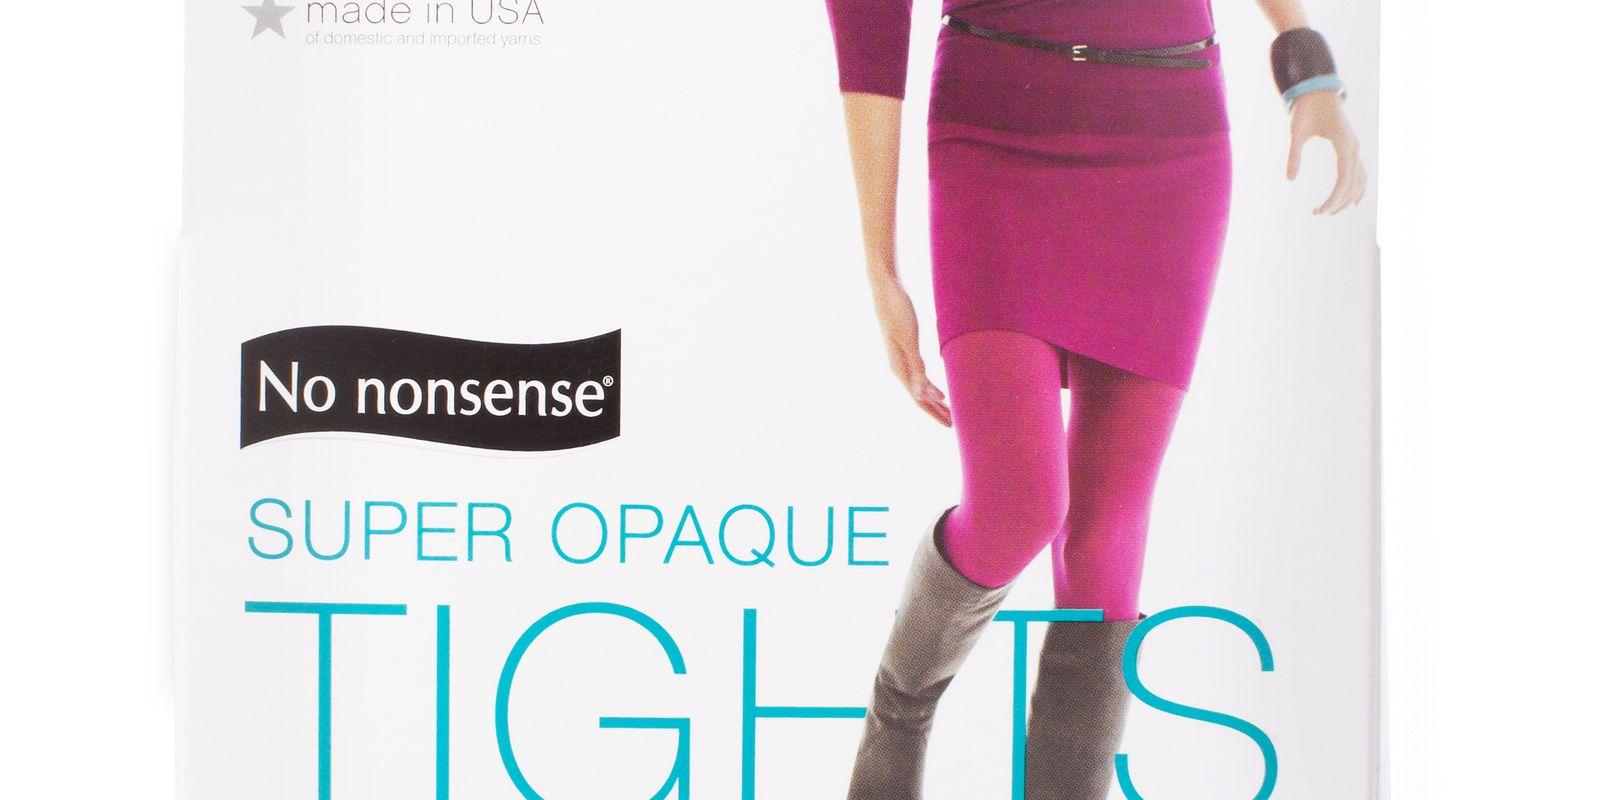 No Nonsense Super Opaque Control Top Tight NN1459 Review